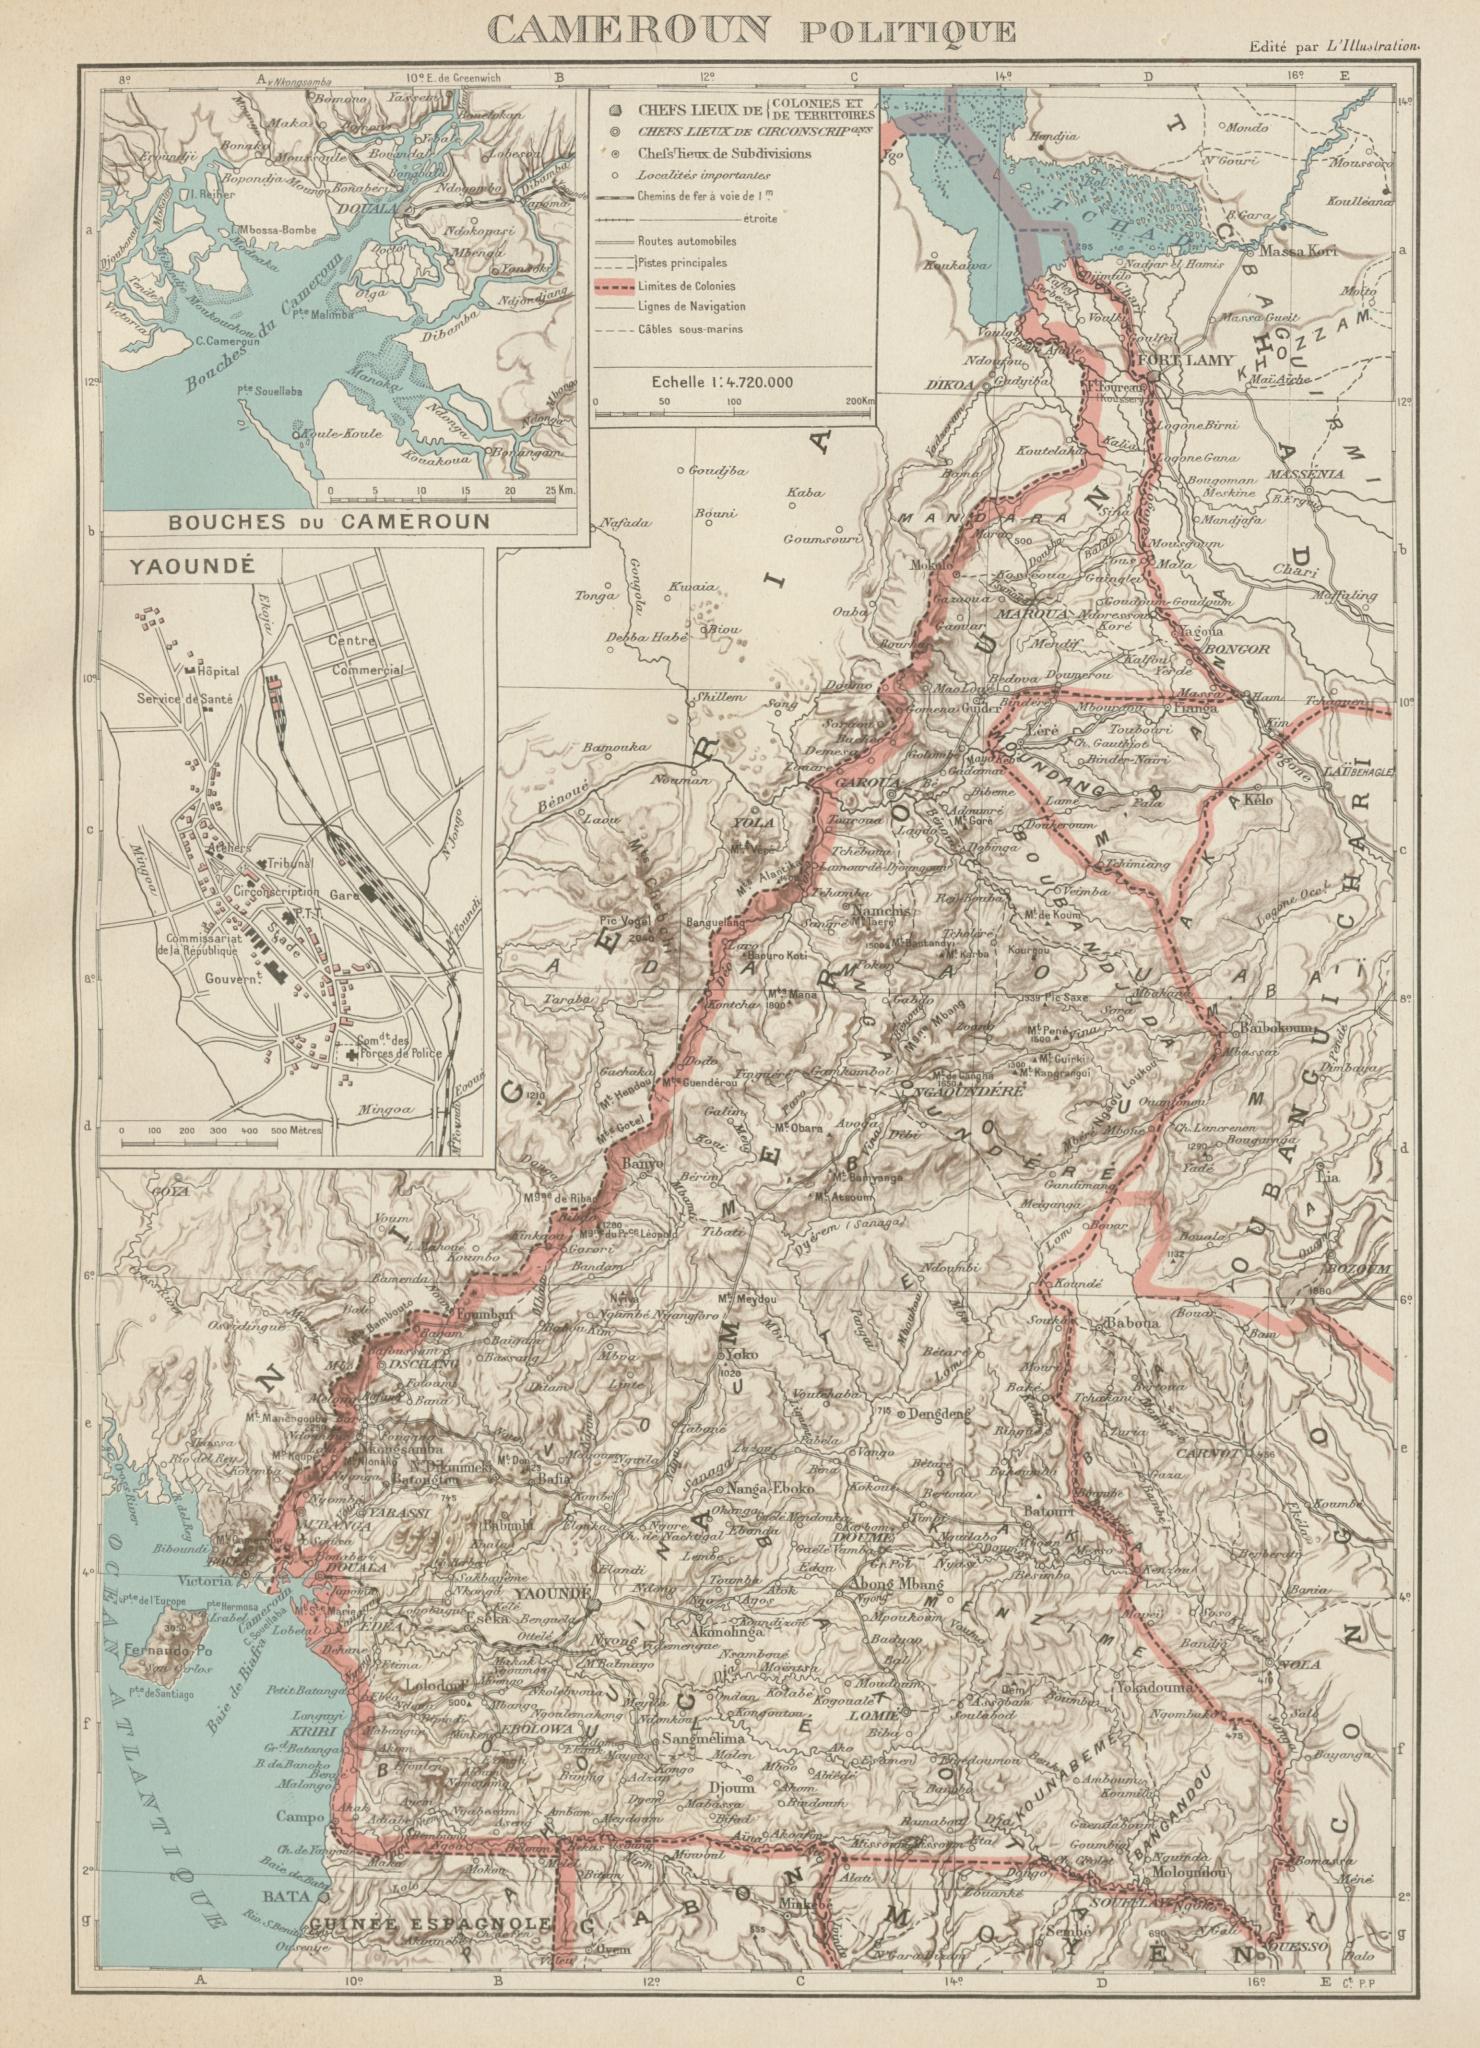 COLONIAL CAMEROON/Cameroun. Yaoundé plan. Afrique équatoriale française 1929 map